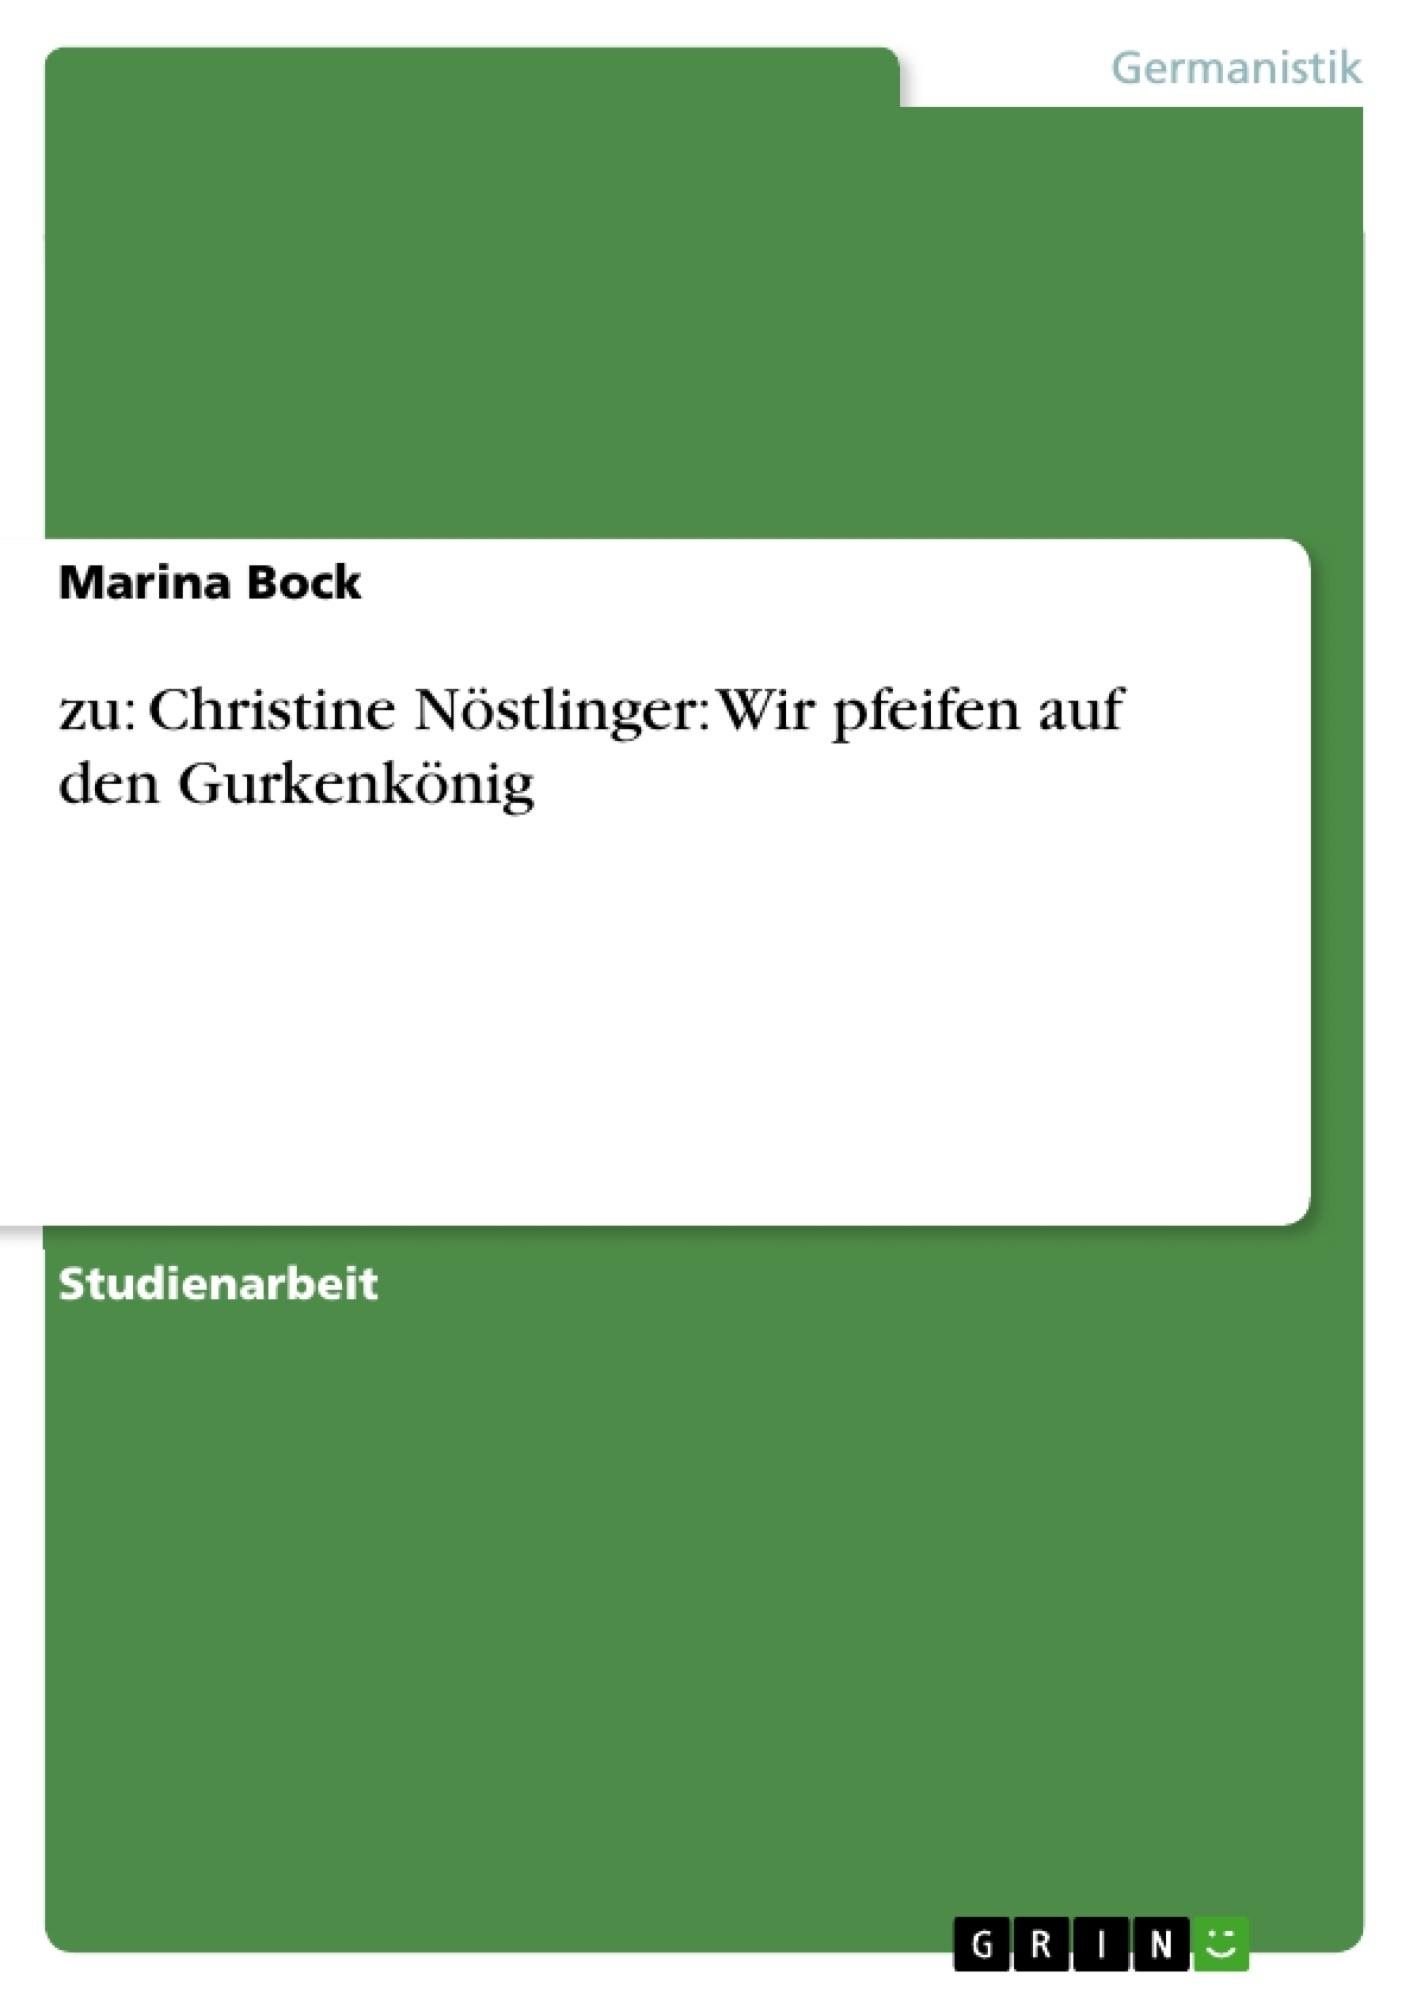 Titel: zu: Christine Nöstlinger: Wir pfeifen auf den Gurkenkönig